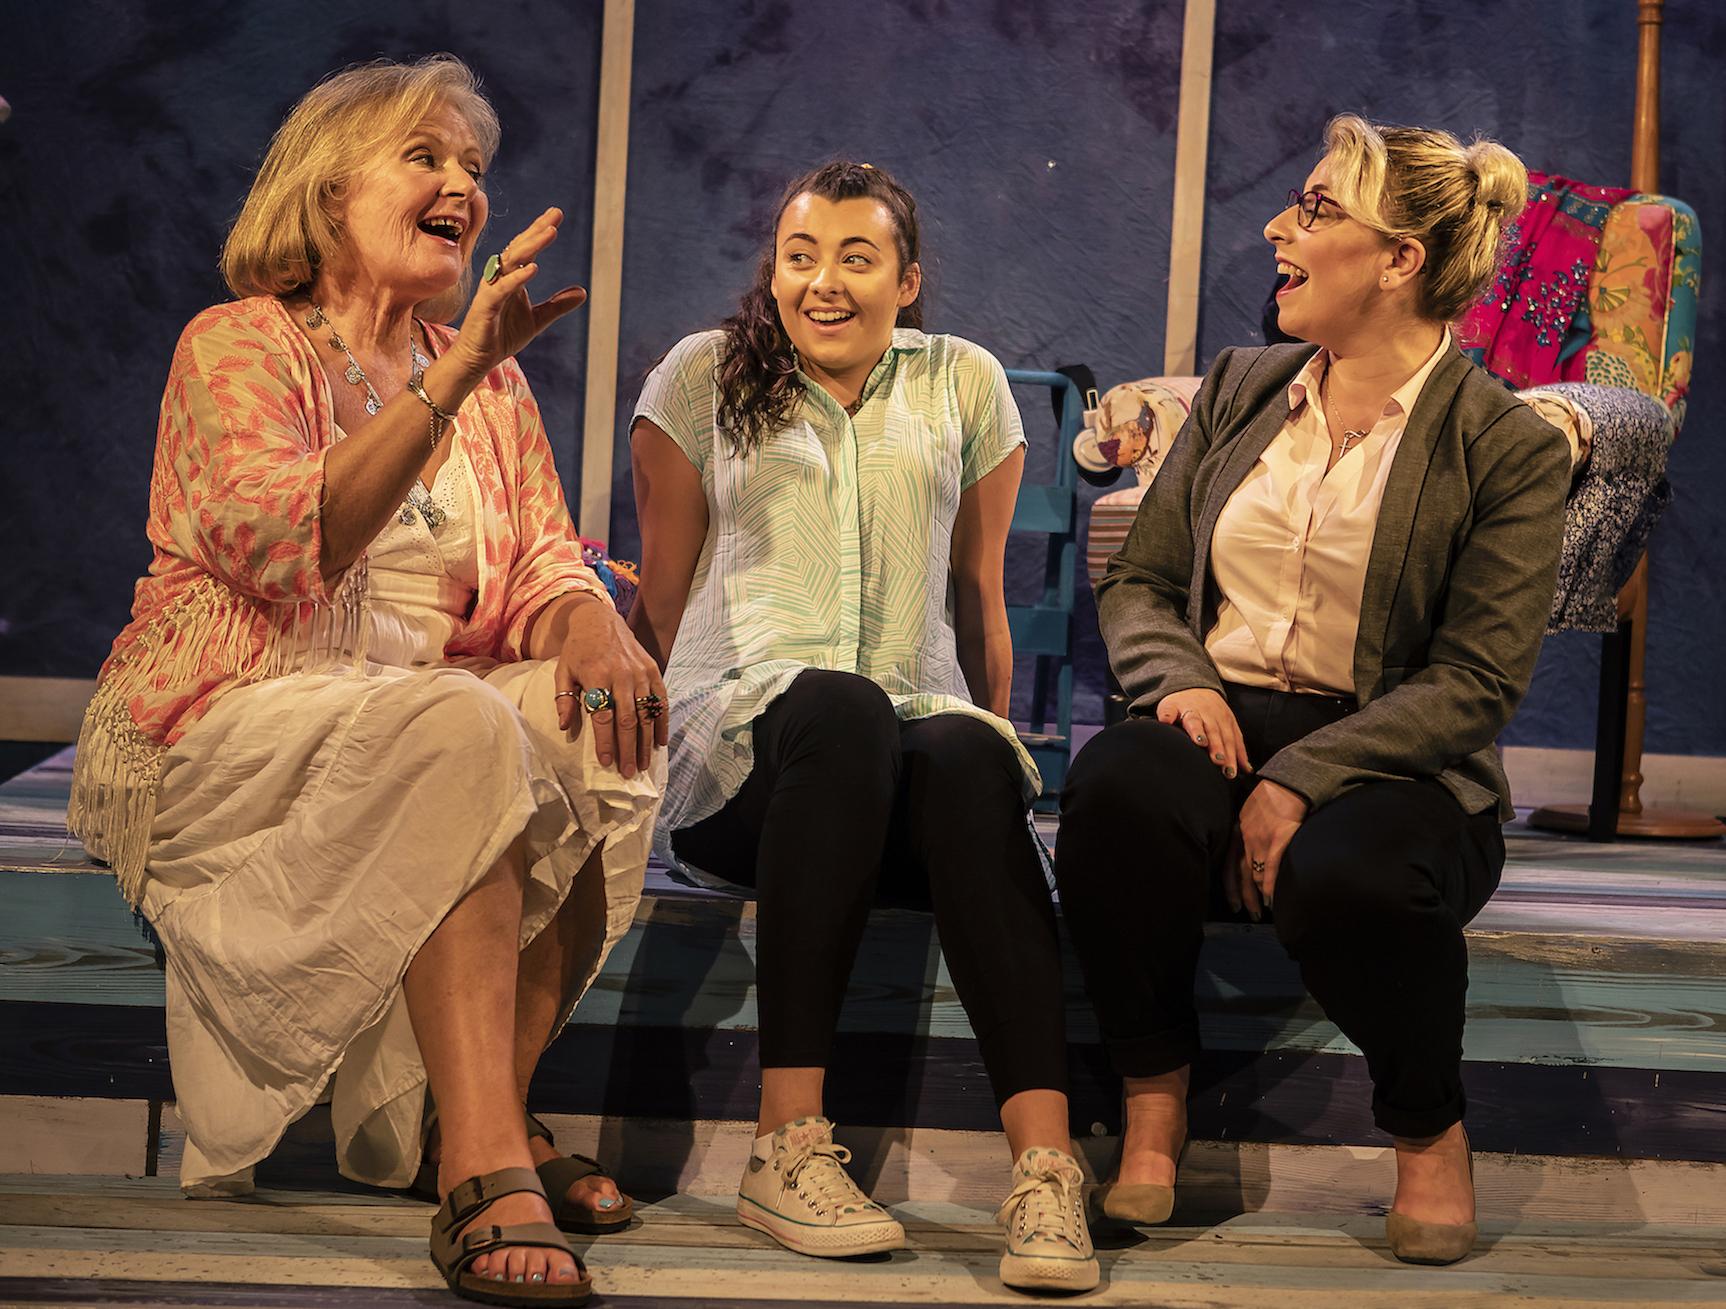 L-R Janet Fullerlove (Joy), Kelly Sweeney (Tamara) & Jodie Jacobs (Rachel) - Unexpected Joy at Southwark Parkhouse (c) Pamela Raith Photography_006